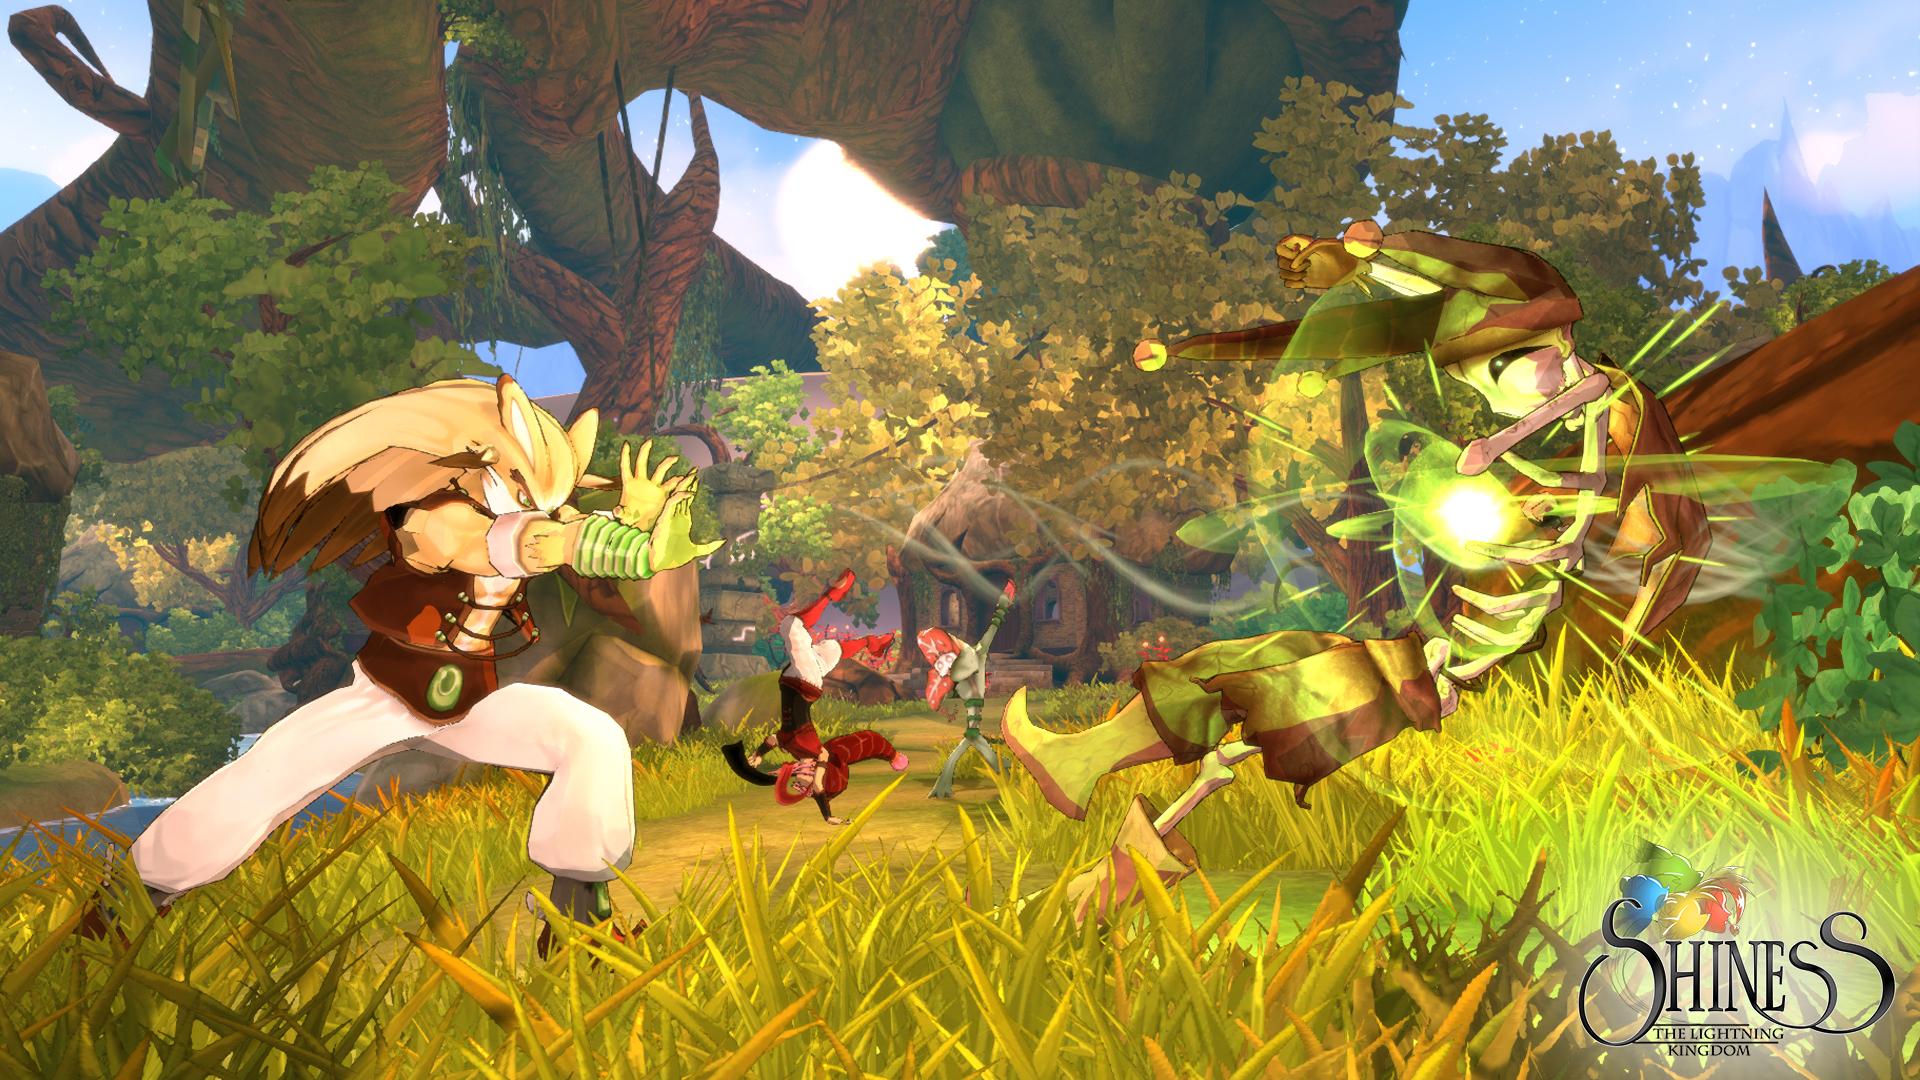 New Shiness Gameplay Trailer